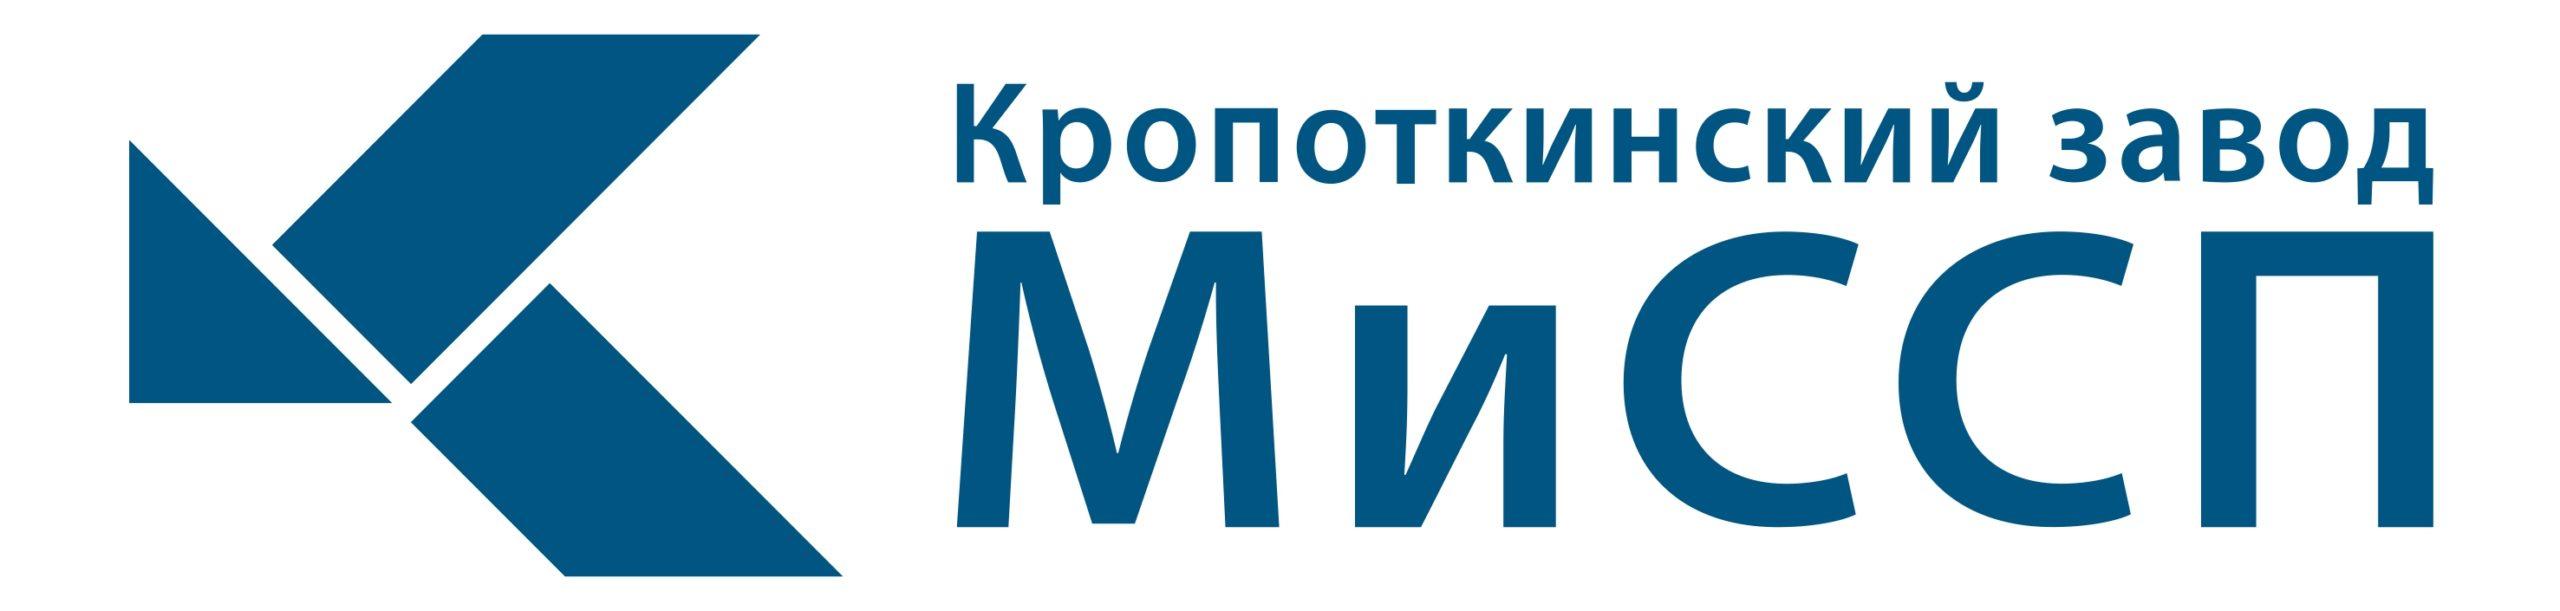 Закрытое акционерное общество «Кропоткинский завод монтажных и специальных строительных приспособлений», ИНН 2313000179